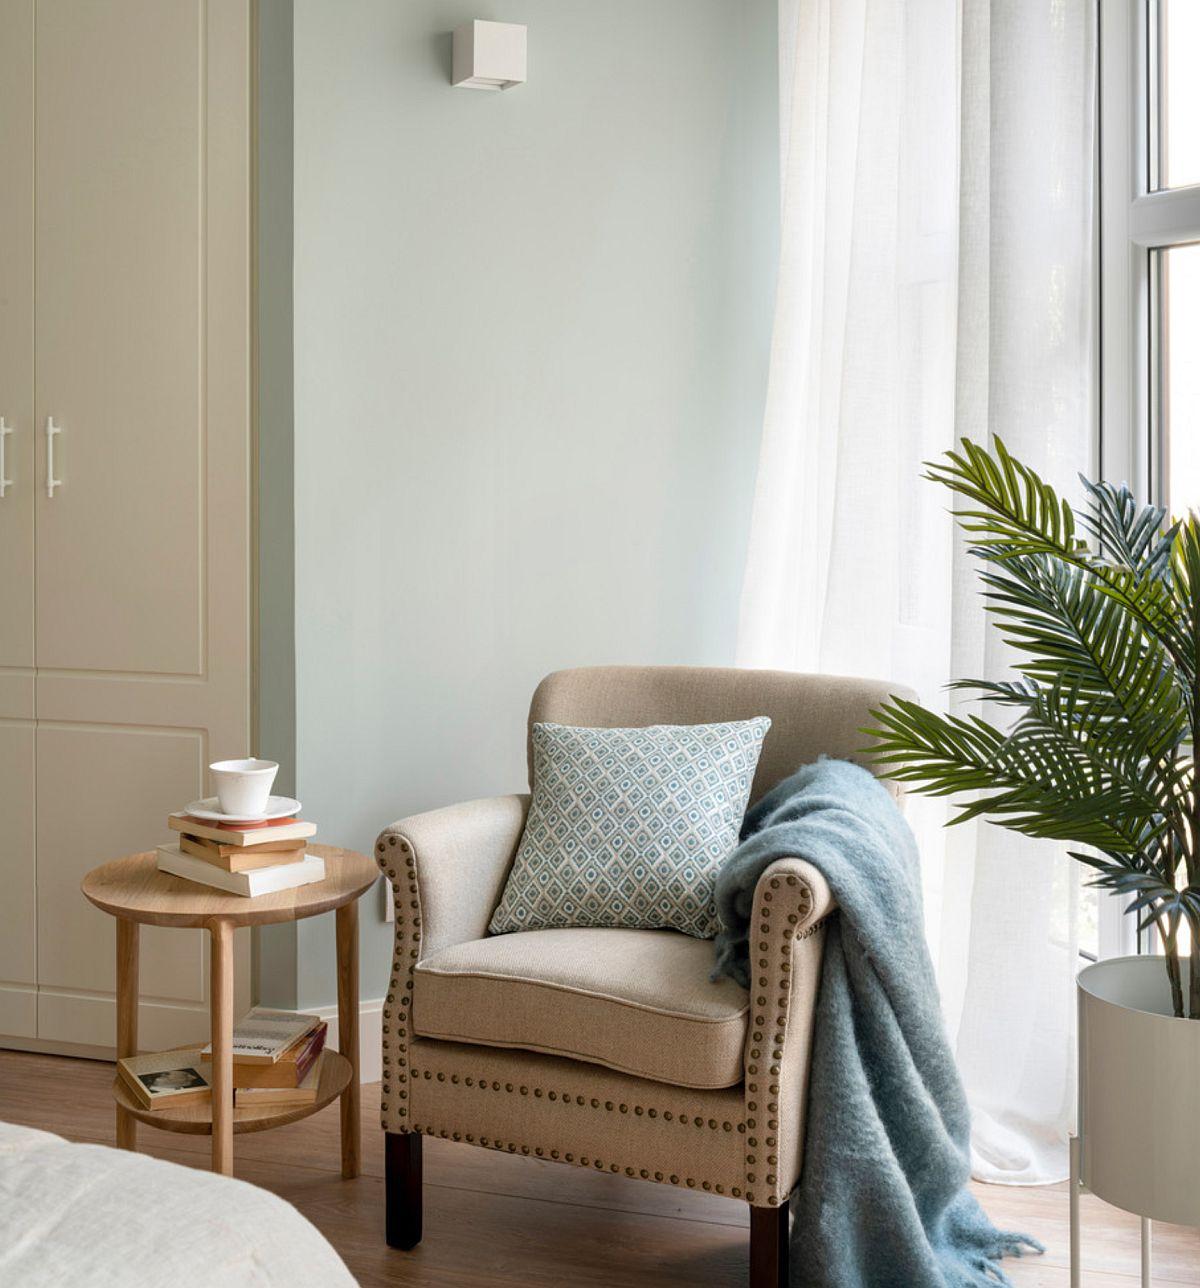 Mult alb pe suprafețele dulapurilor combinate cu o nuanță de verde pastel care imprimă tihnă și invită la odihnă.